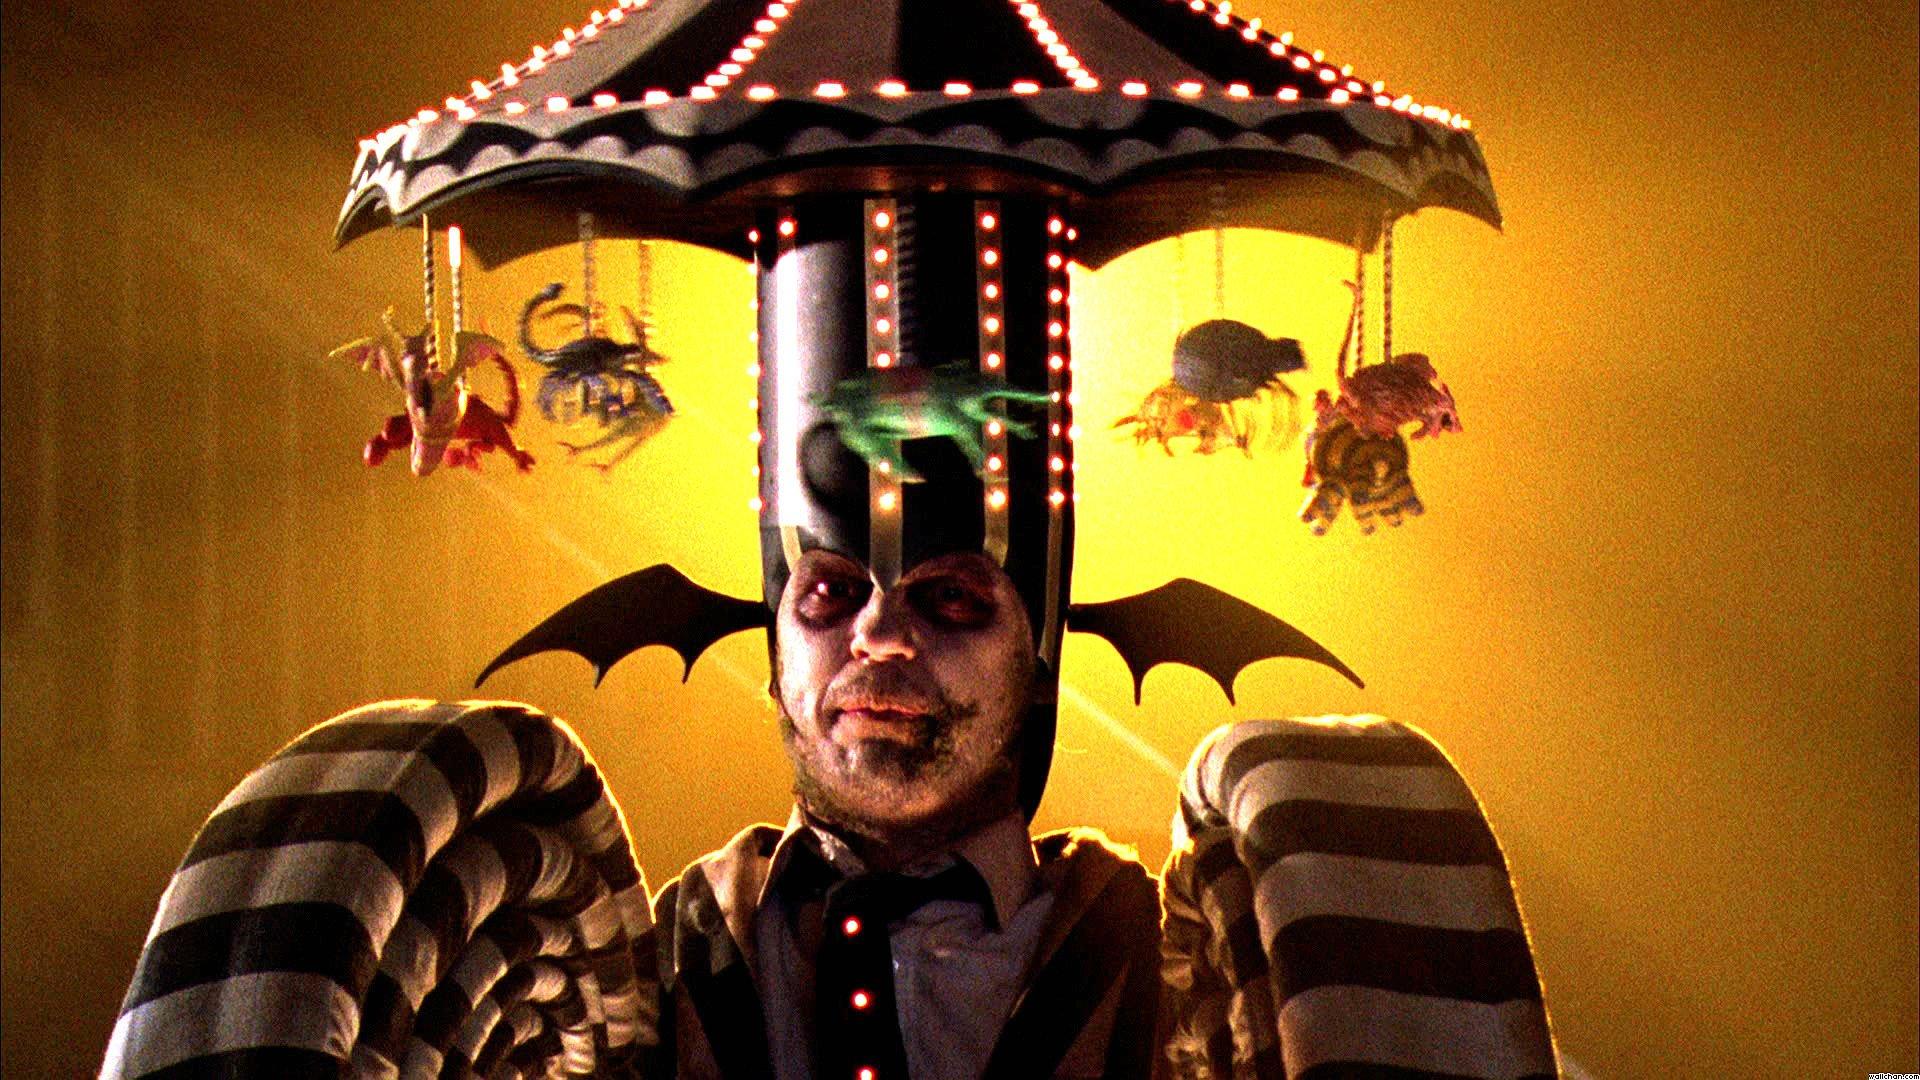 BEETLEJUICE comedy fantasy dark movie film horror ...